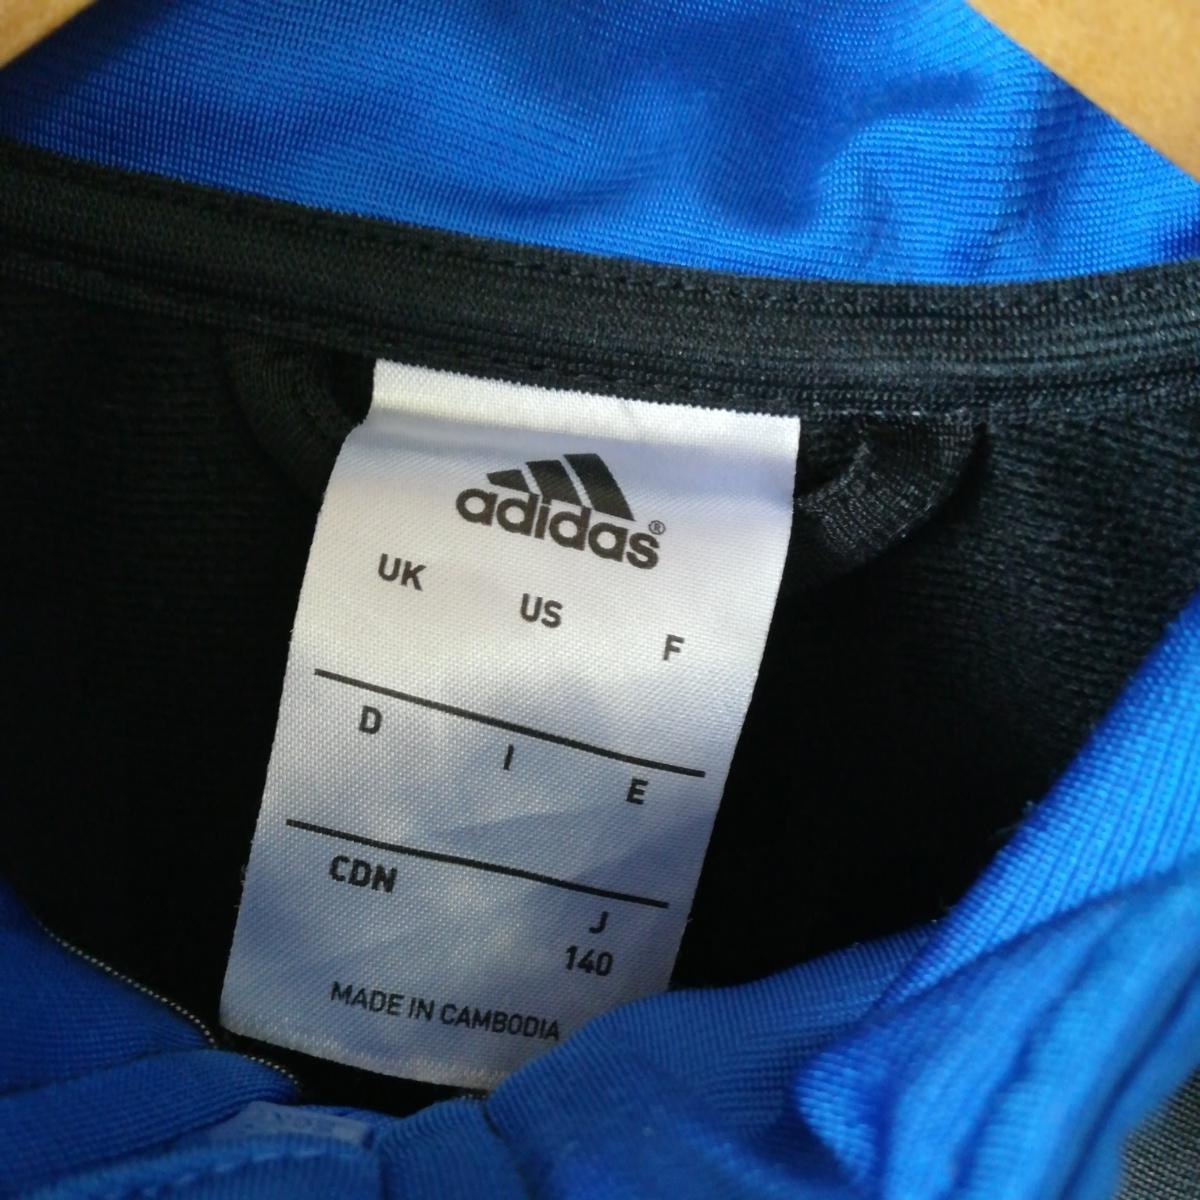 【一円】adidas アディダス ジャージ上着+スポーツウェアパンツ キッズ140/130サイズ 子供用_画像4